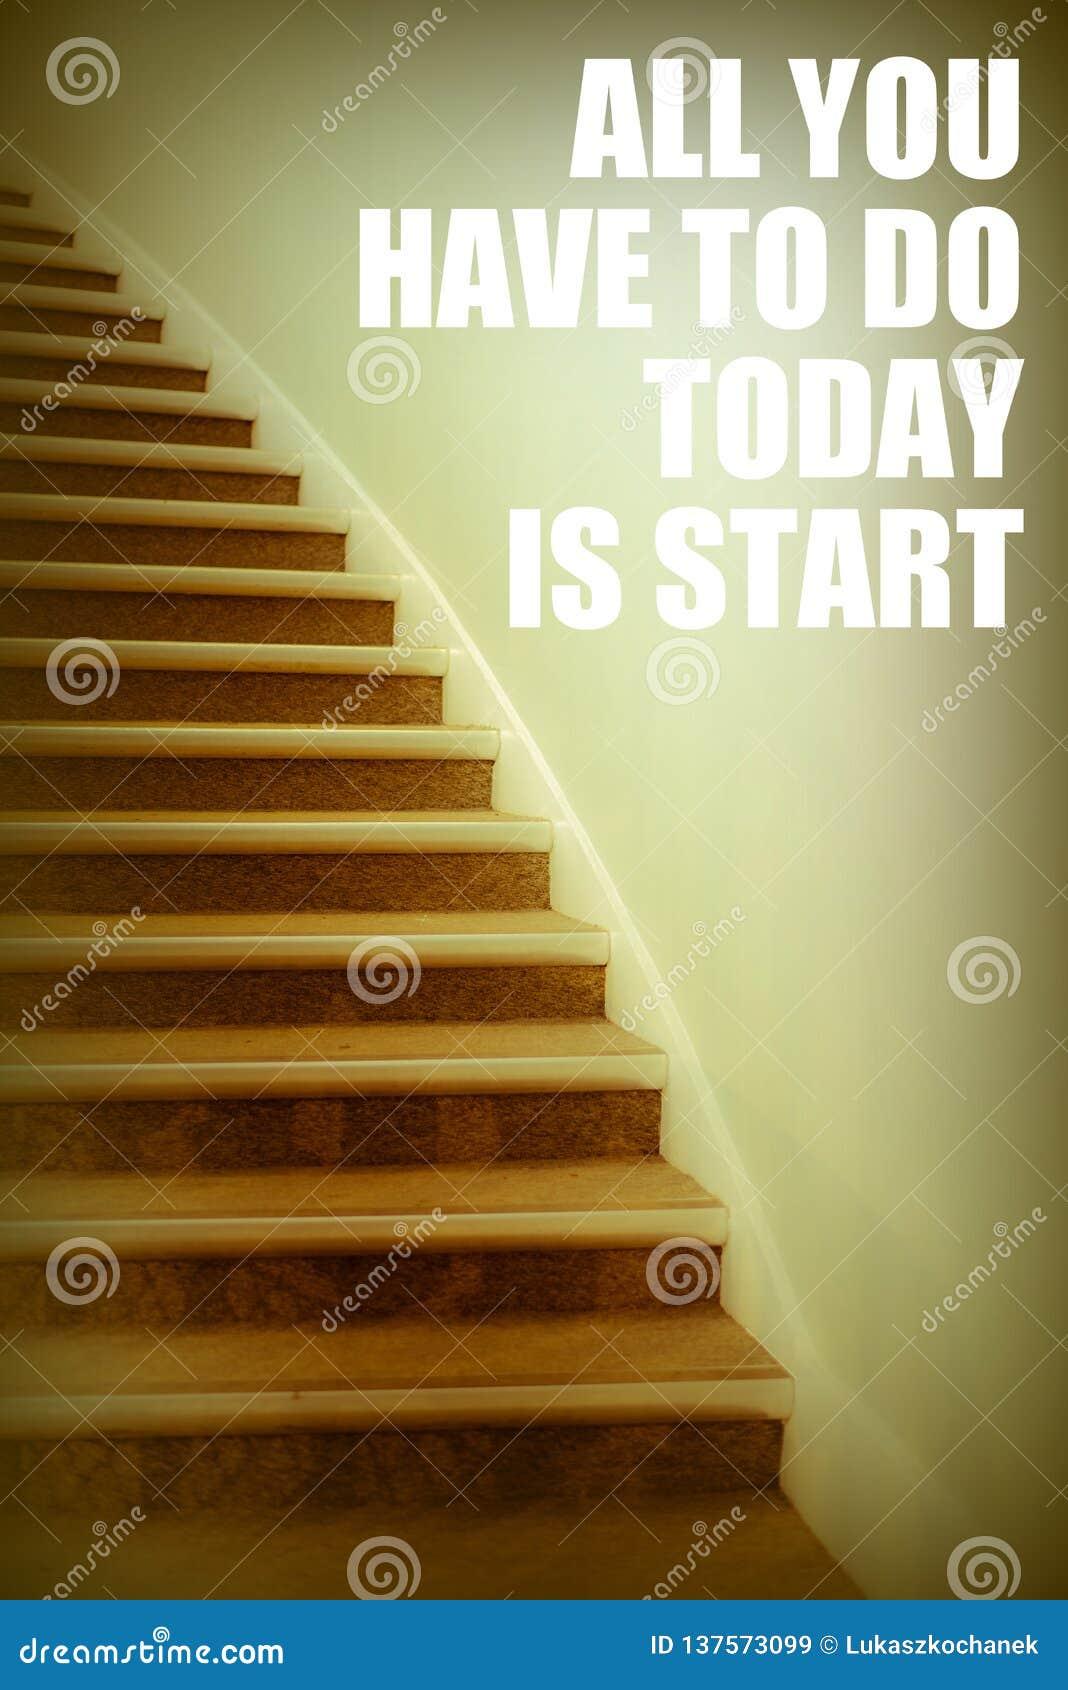 Tudo que você tem que fazer hoje é começa citações inspiradas, cartaz inspirador, a mensagem inspirada de ninguém pode ir para tr